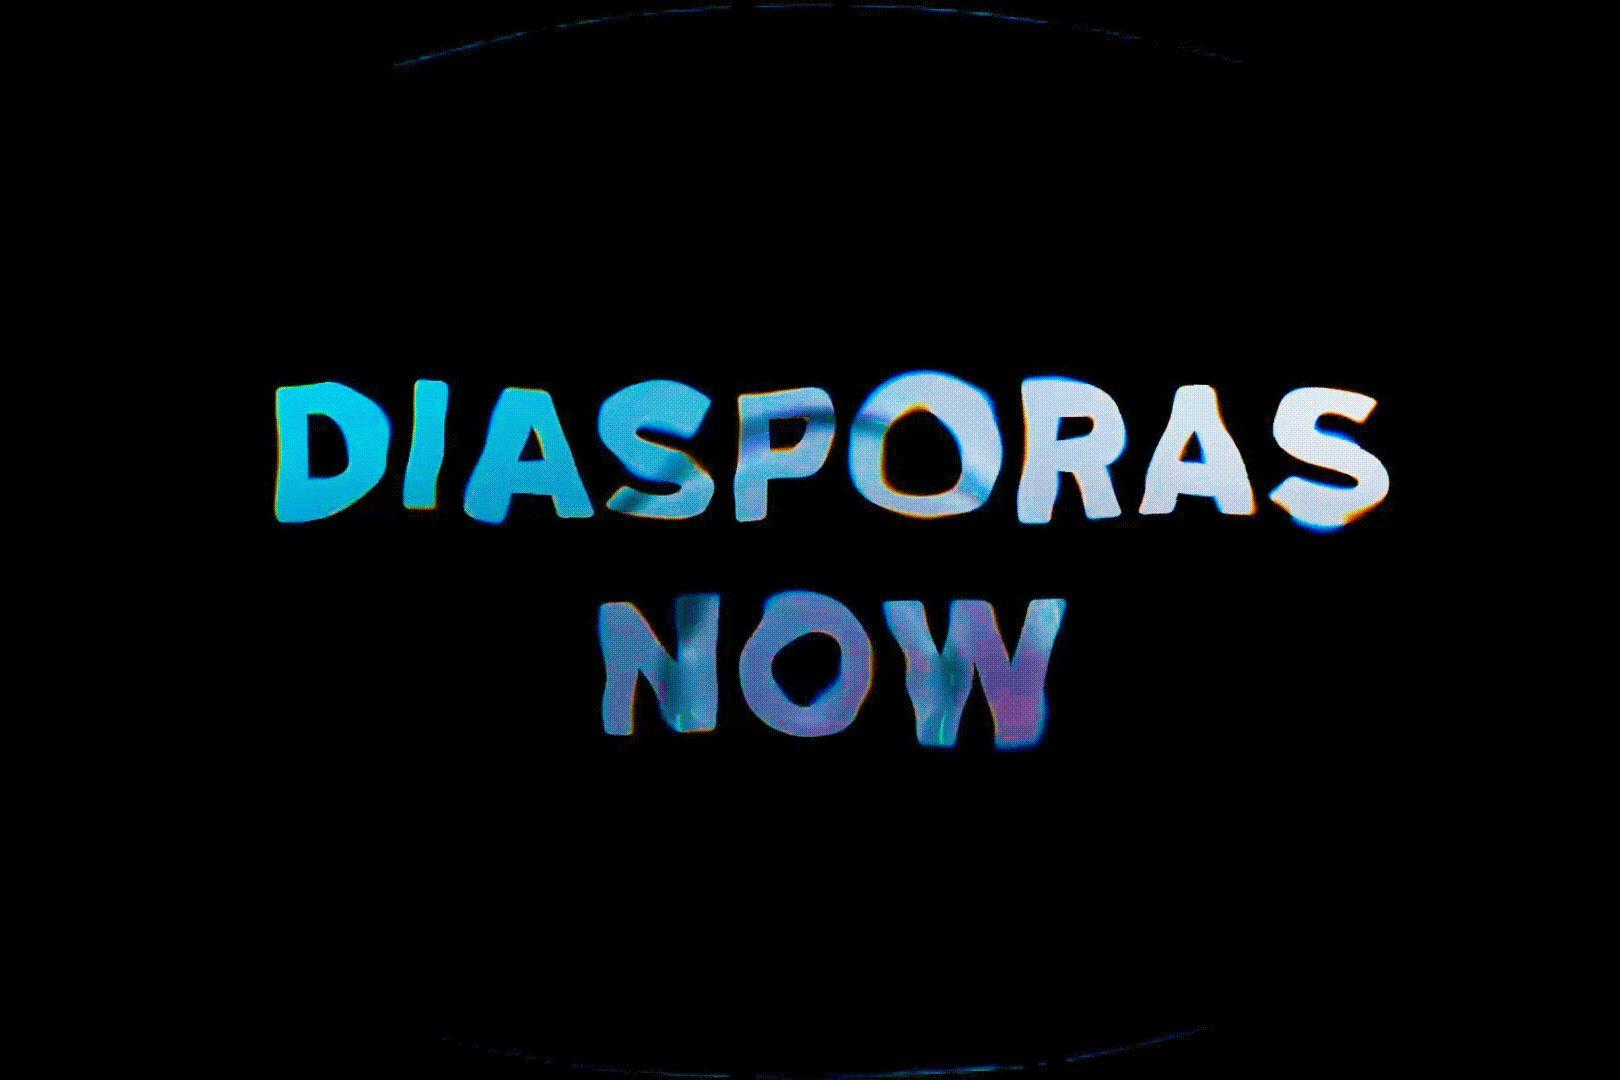 Diasporas Now